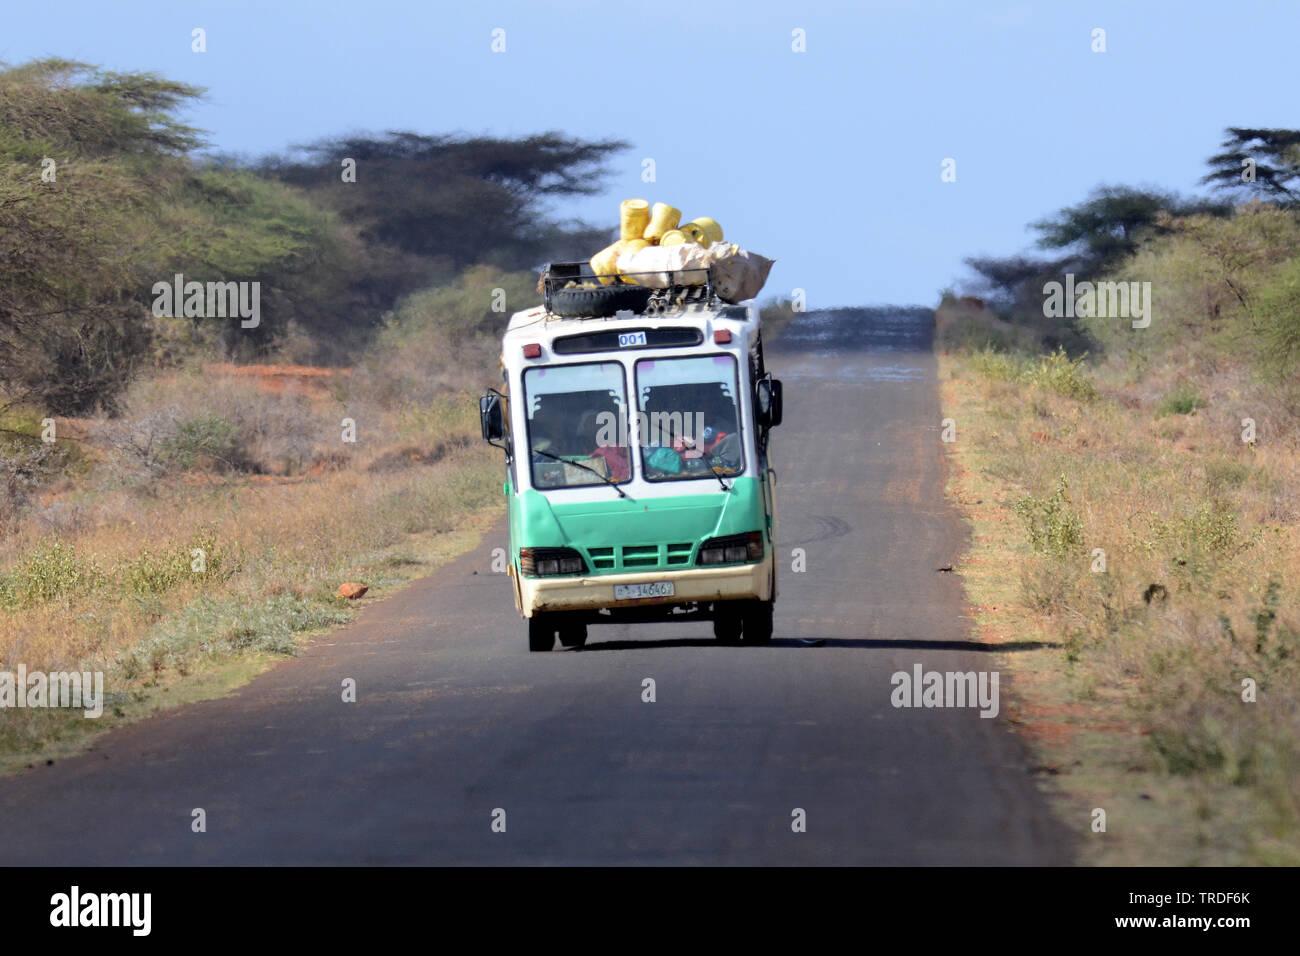 Linienbus in Aethiopien, Aethiopien   Local transport by bus in Ethiopia, Ethiopia   BLWS502356.jpg [ (c) blickwinkel/AGAMI/L. Steijn Tel. +49 (0)2302 - Stock Image